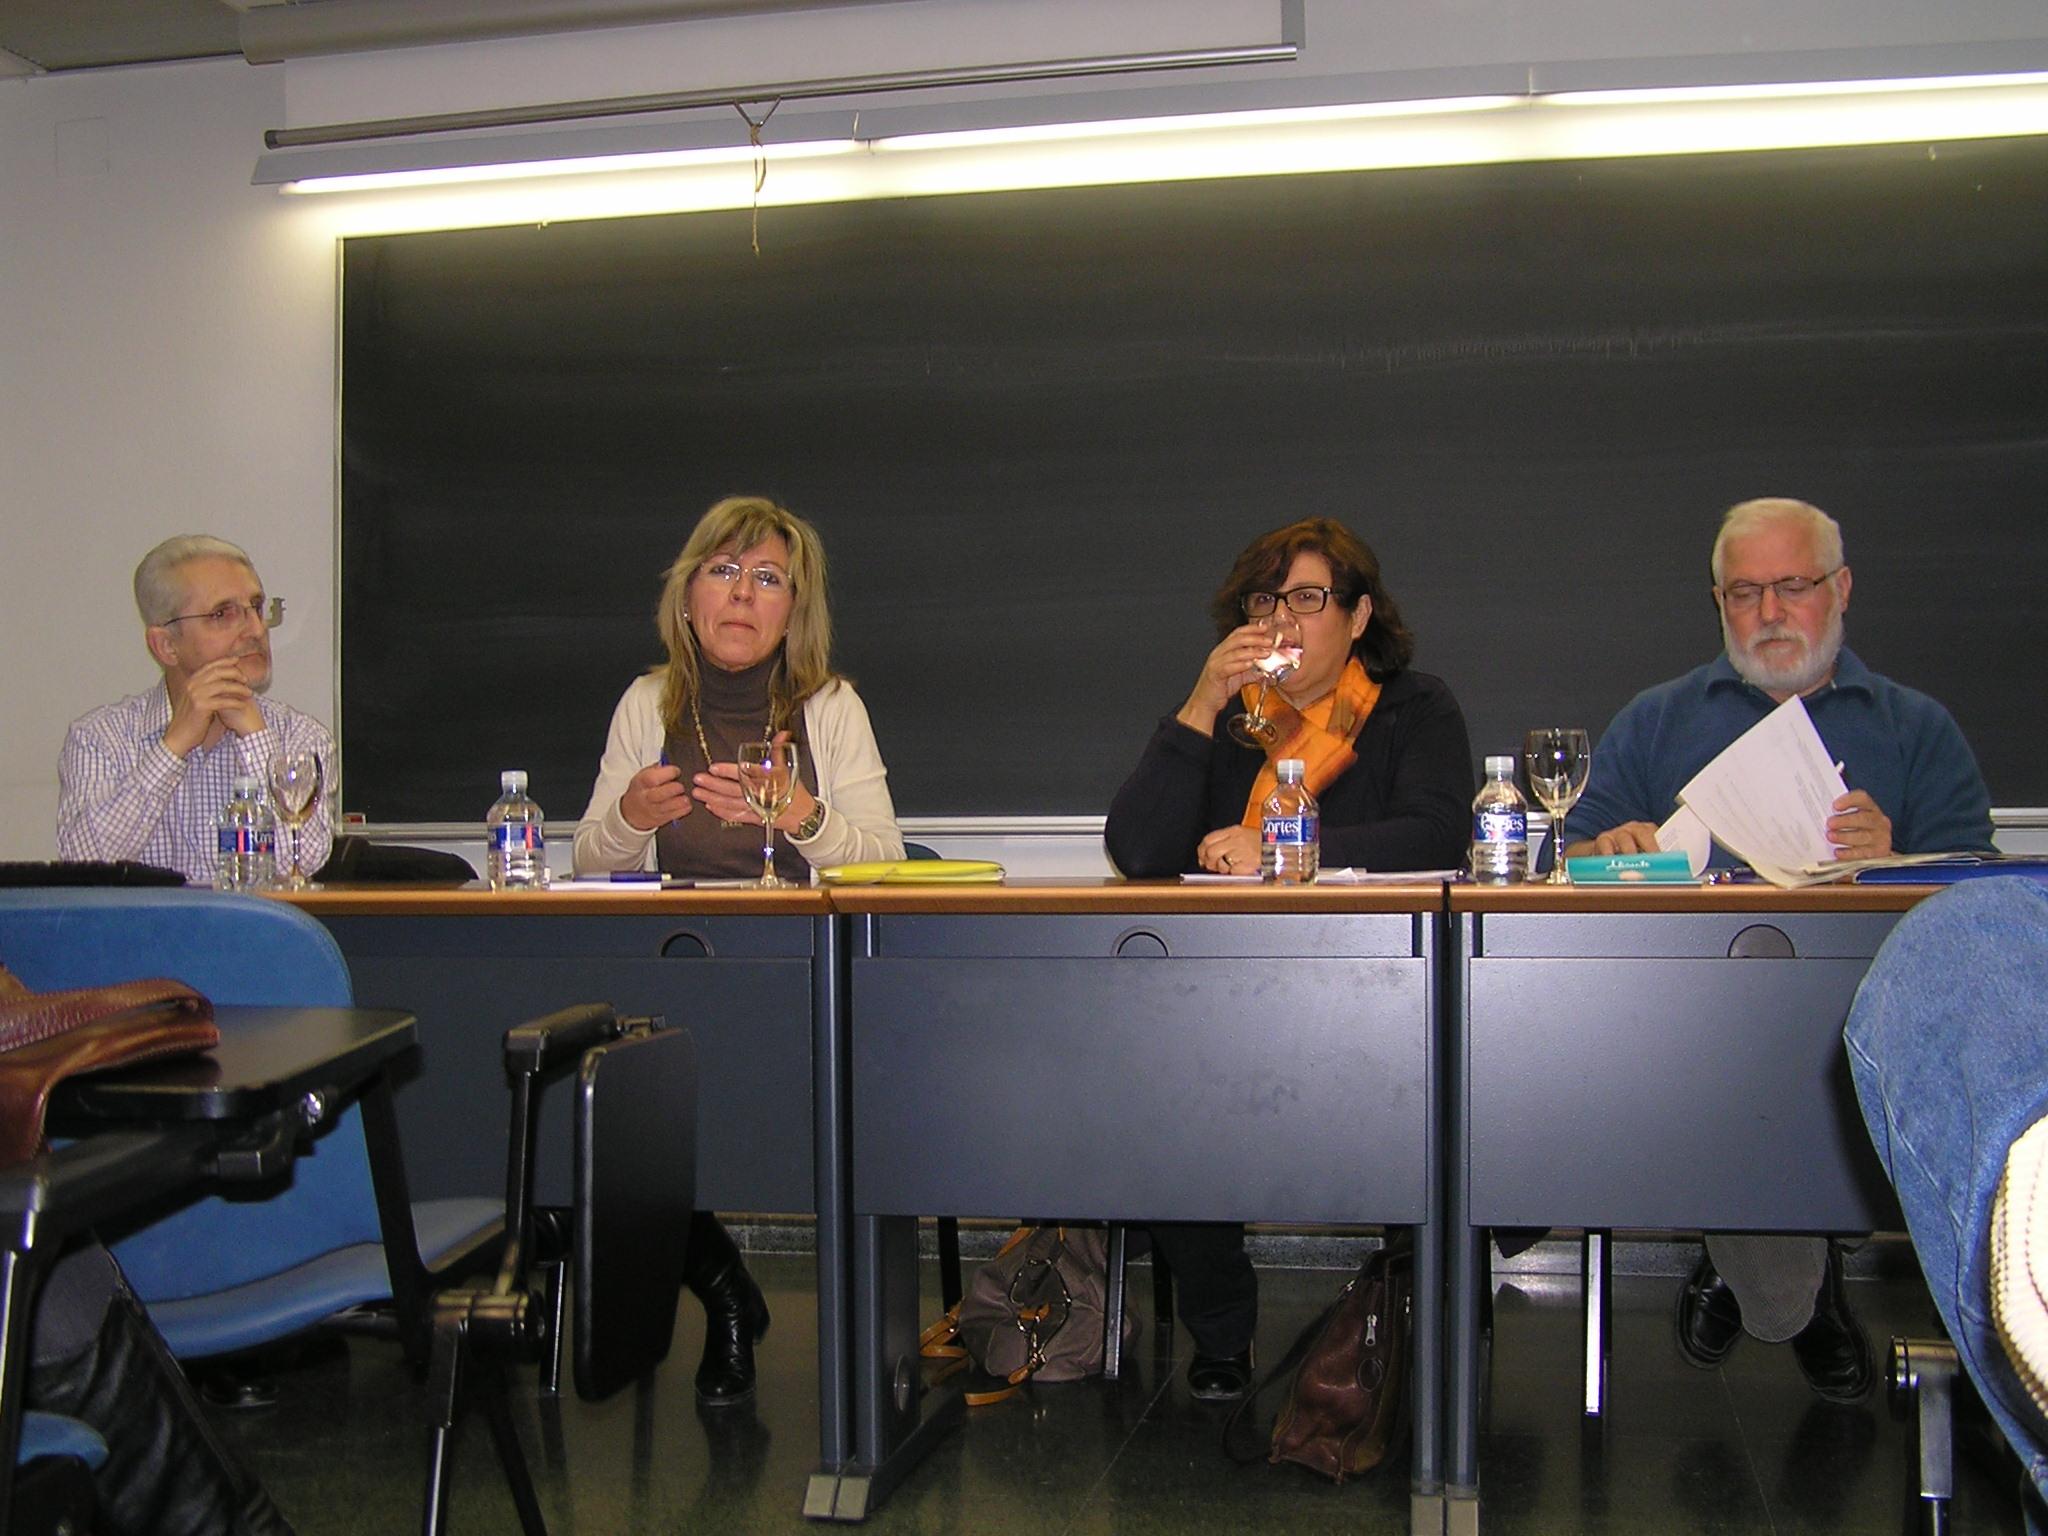 Intervinientes en la mesa redonda sobre la pobreza y la exclusión organizada por la PIC y Attac-Alacant